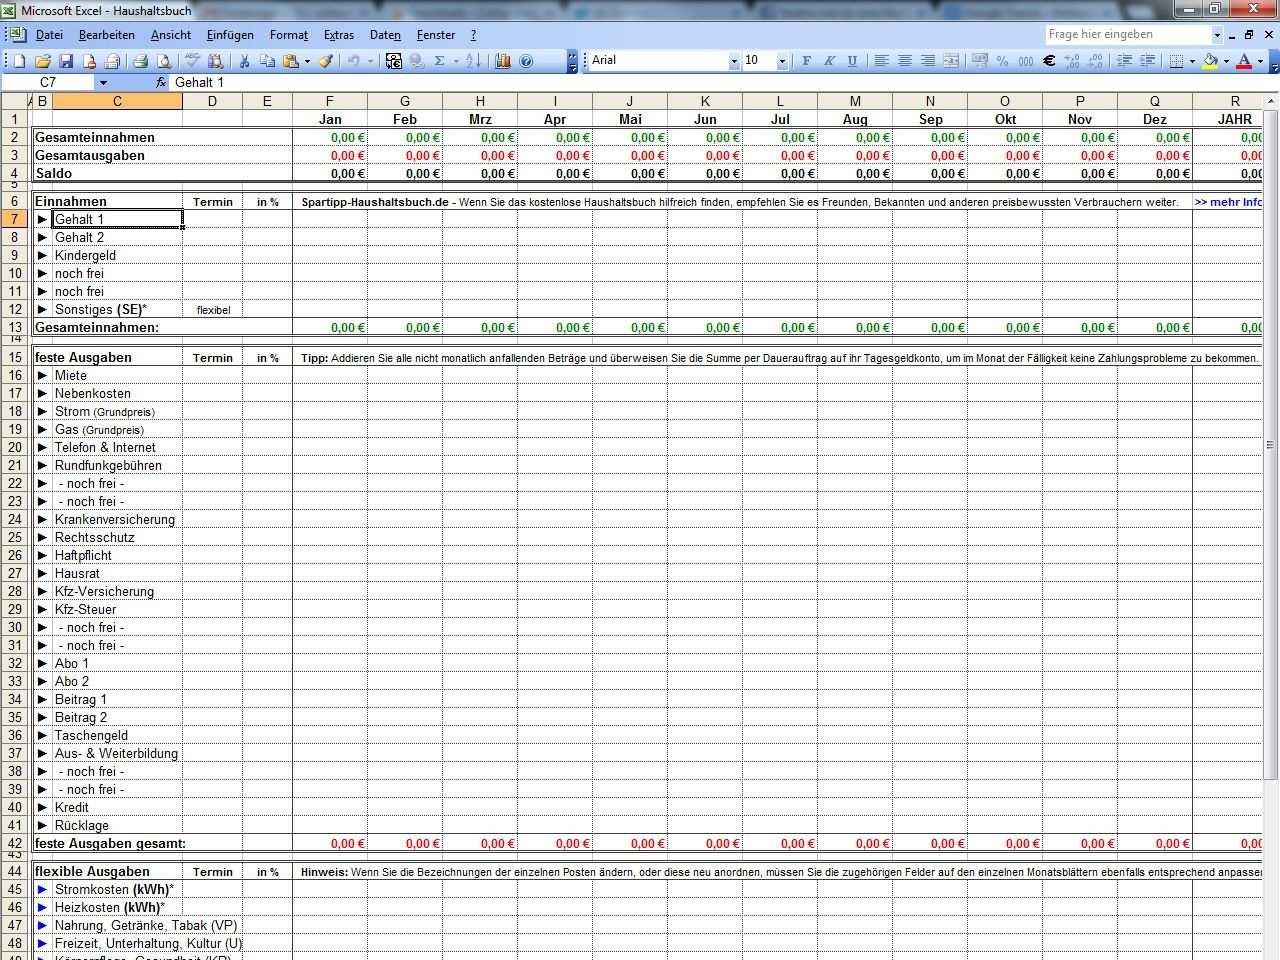 Excel Haushaltsbuch Haushaltsbuch Vorlage Haushaltsbuch Excel Vorlage Haushaltsbuch Excel